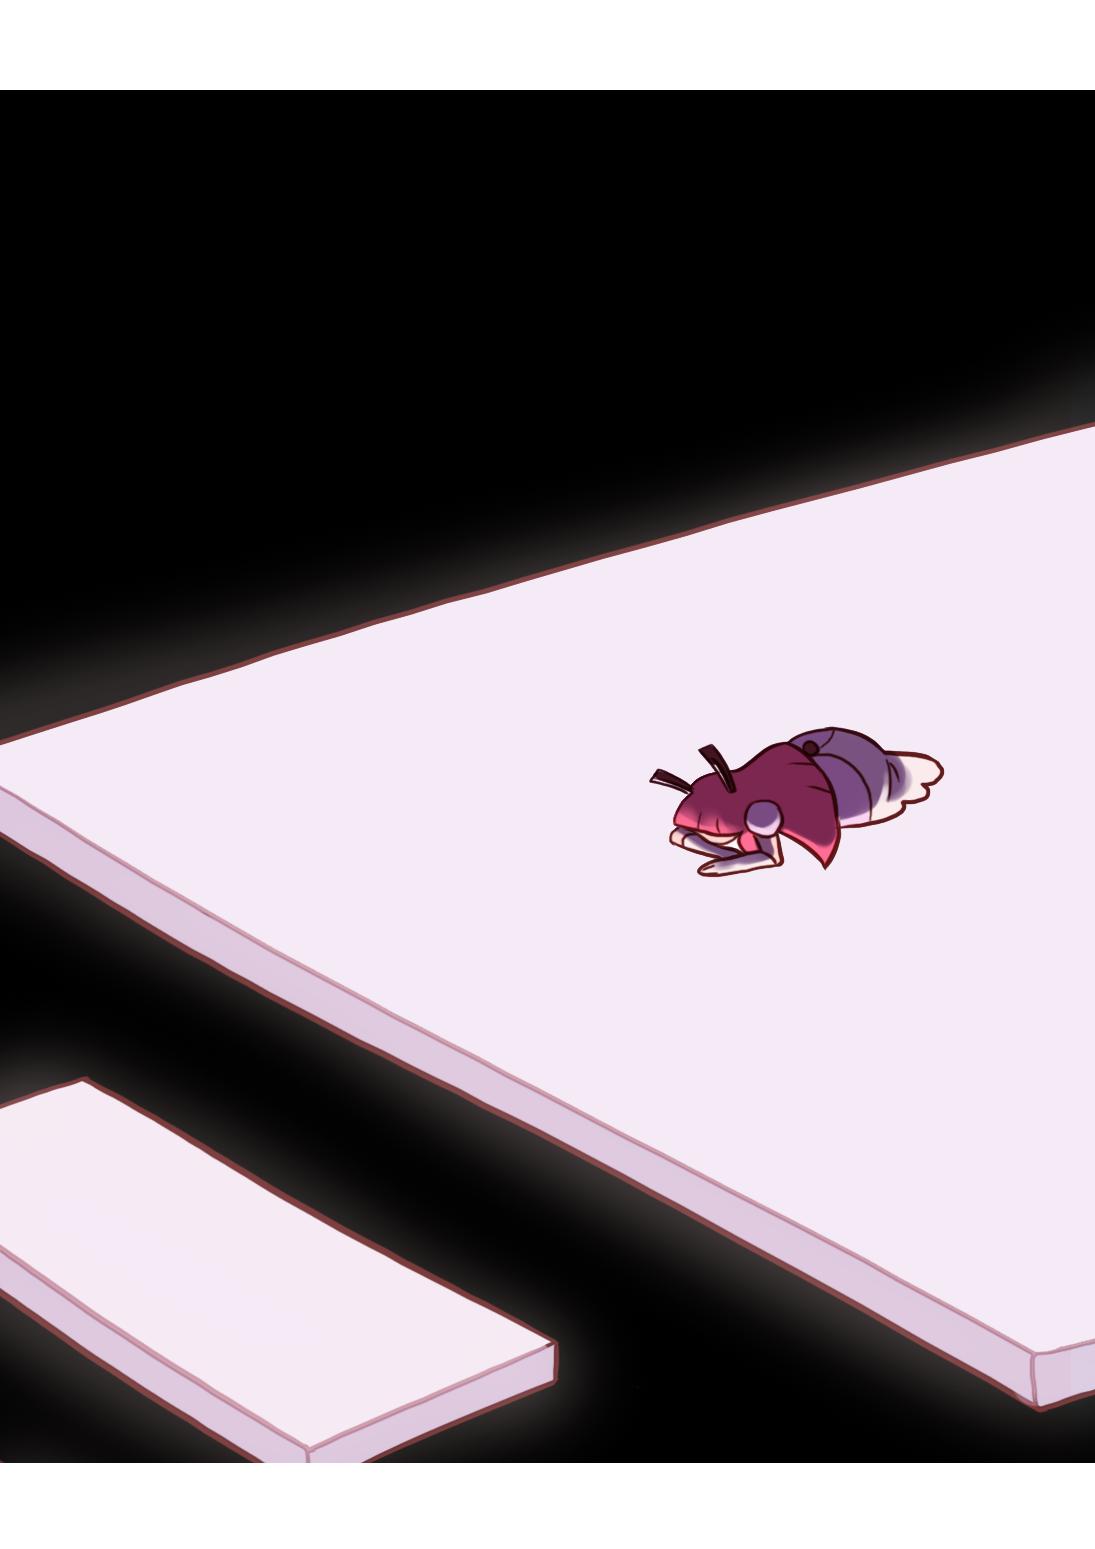 บทที่ 3 - ห้องใต้ดิน